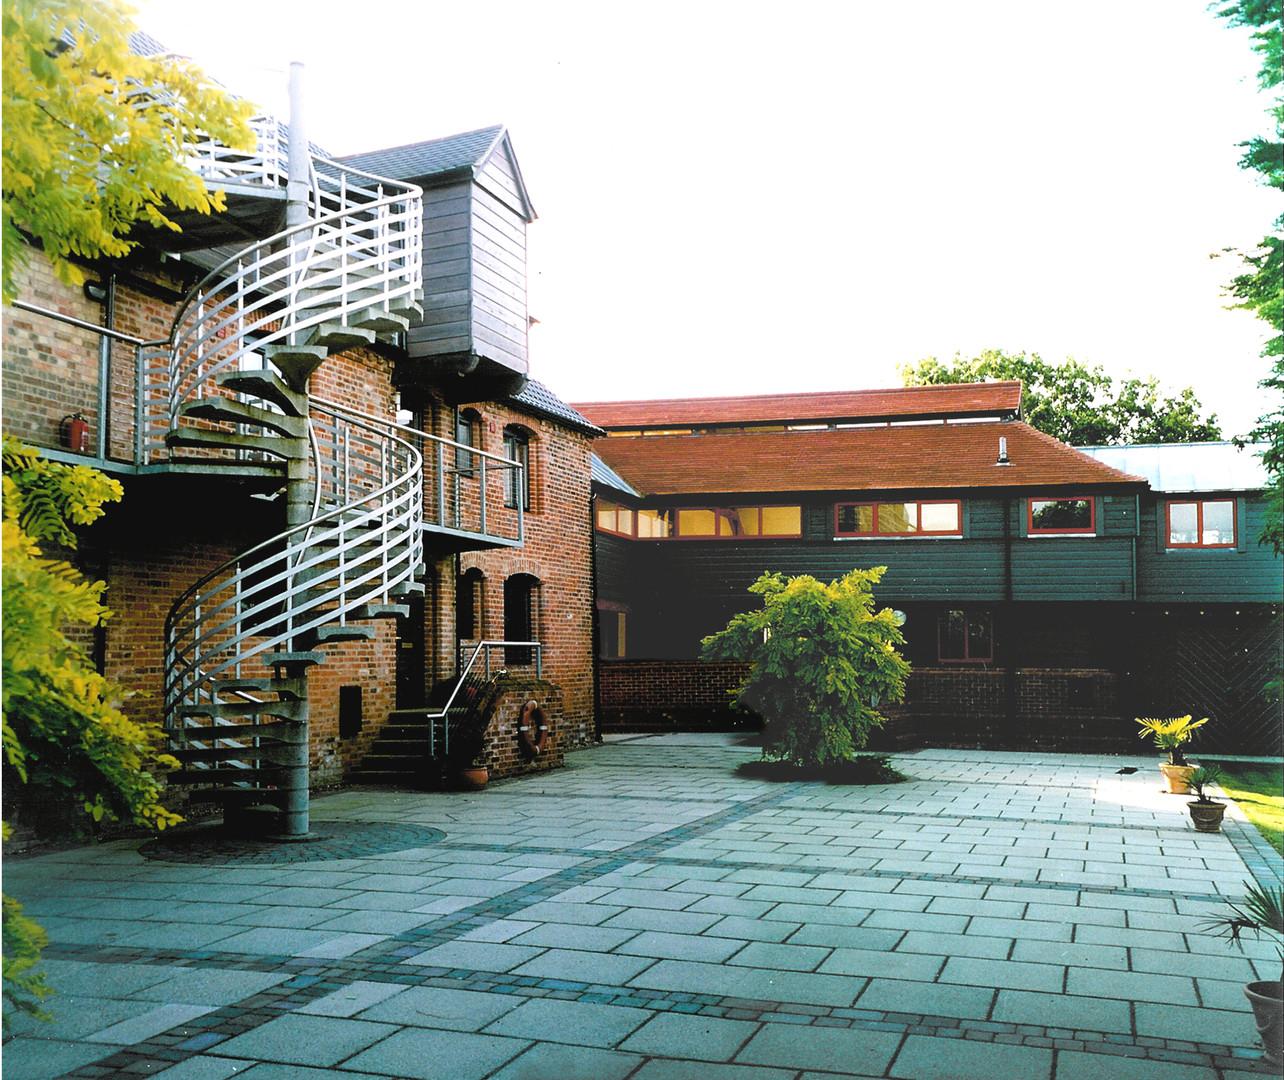 CB00-courtyard01flat.jpg